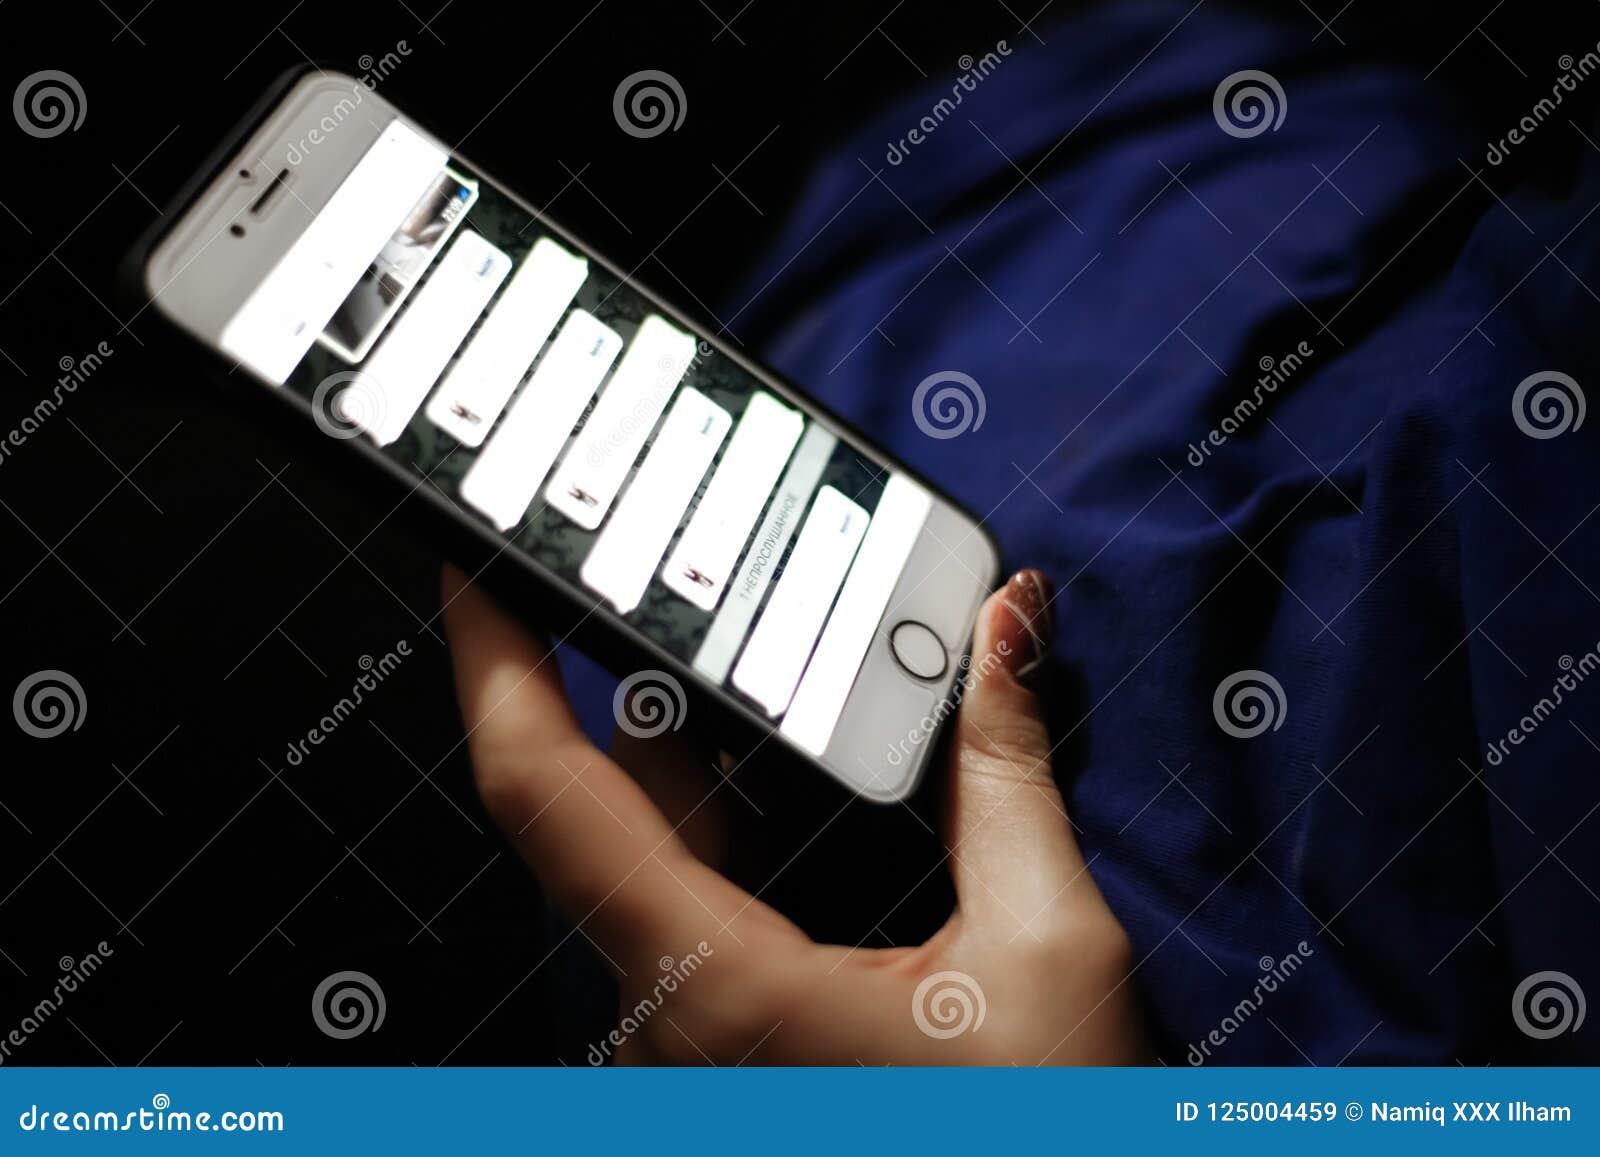 Telefone, rede social correspondência em redes sociais